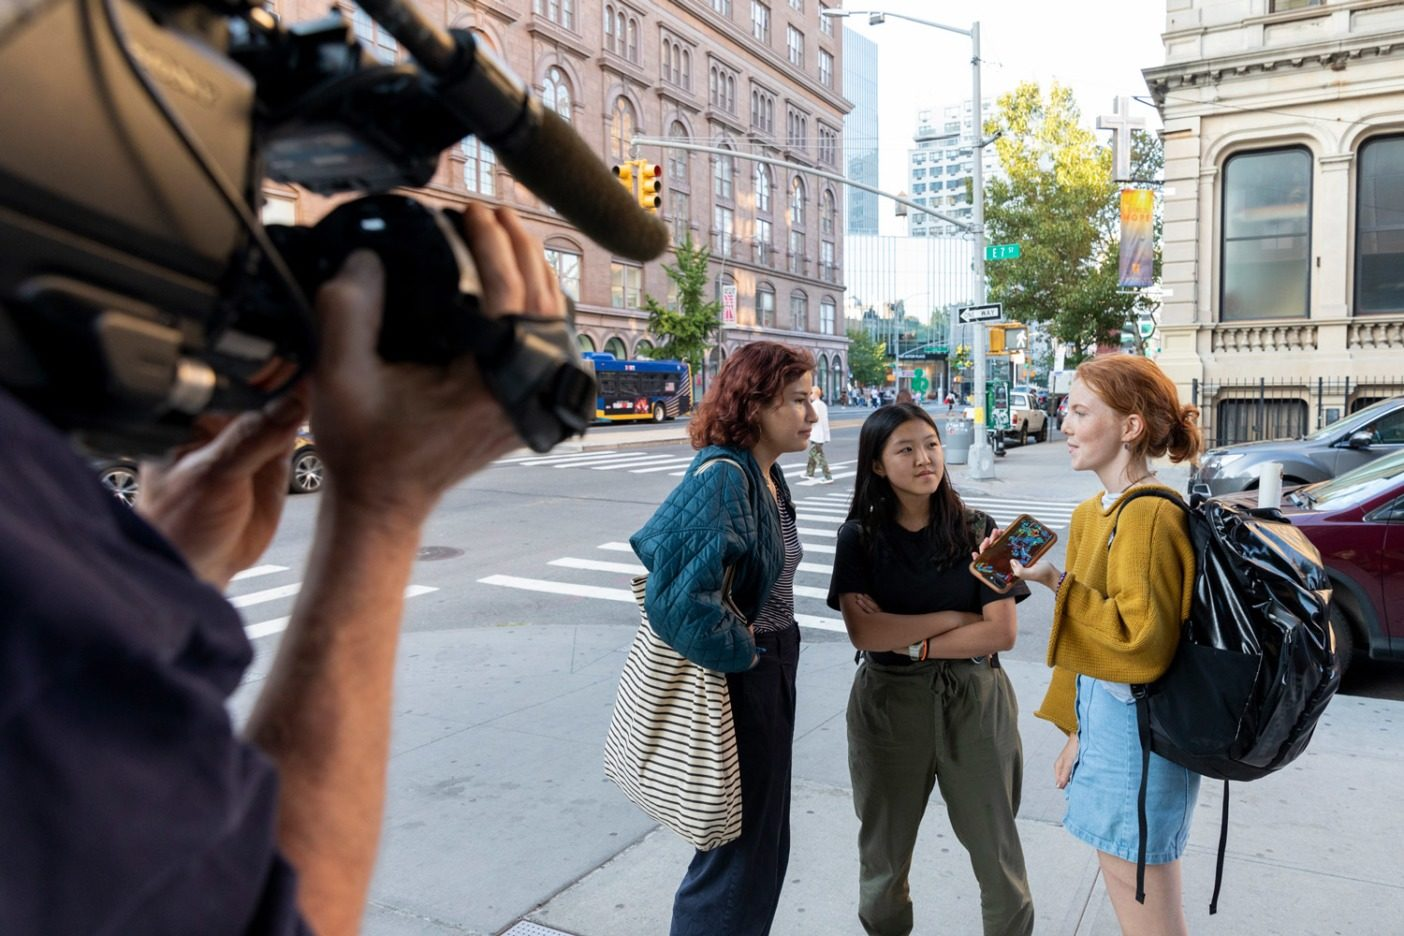 海外からの報道陣が追い掛けるなか、大イベントの前日に最終的な詳細を協議する9月20日のニューヨーク気候ストライキのコアチームの主催者のシマ・ニセンバウム(左)とアザレア・デインズ(右)、そして〈フライデーズ・フォー・フューチャー韓国〉グループのキム・ユジン。17歳のアザレアはチームの報道官であり、プレスリリース発信と報道関係者らとの対応を担当。Photo: Keri Oberly